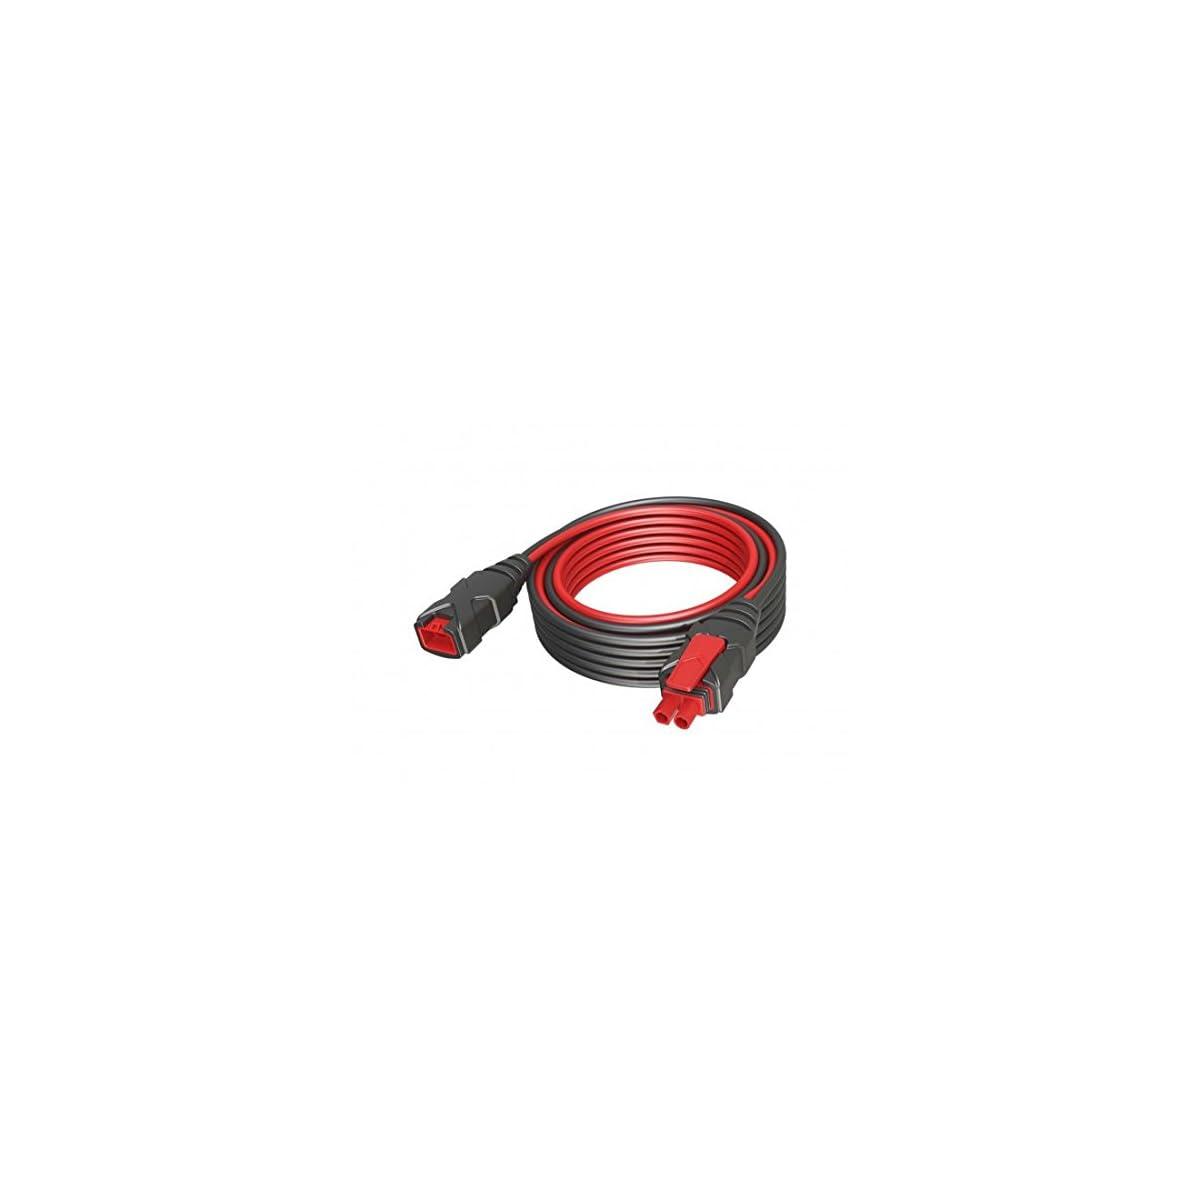 41UzFfImmDL. SS1200  - Cable alargador Noco x-connect 3m para cargador de batería-Noco 010147